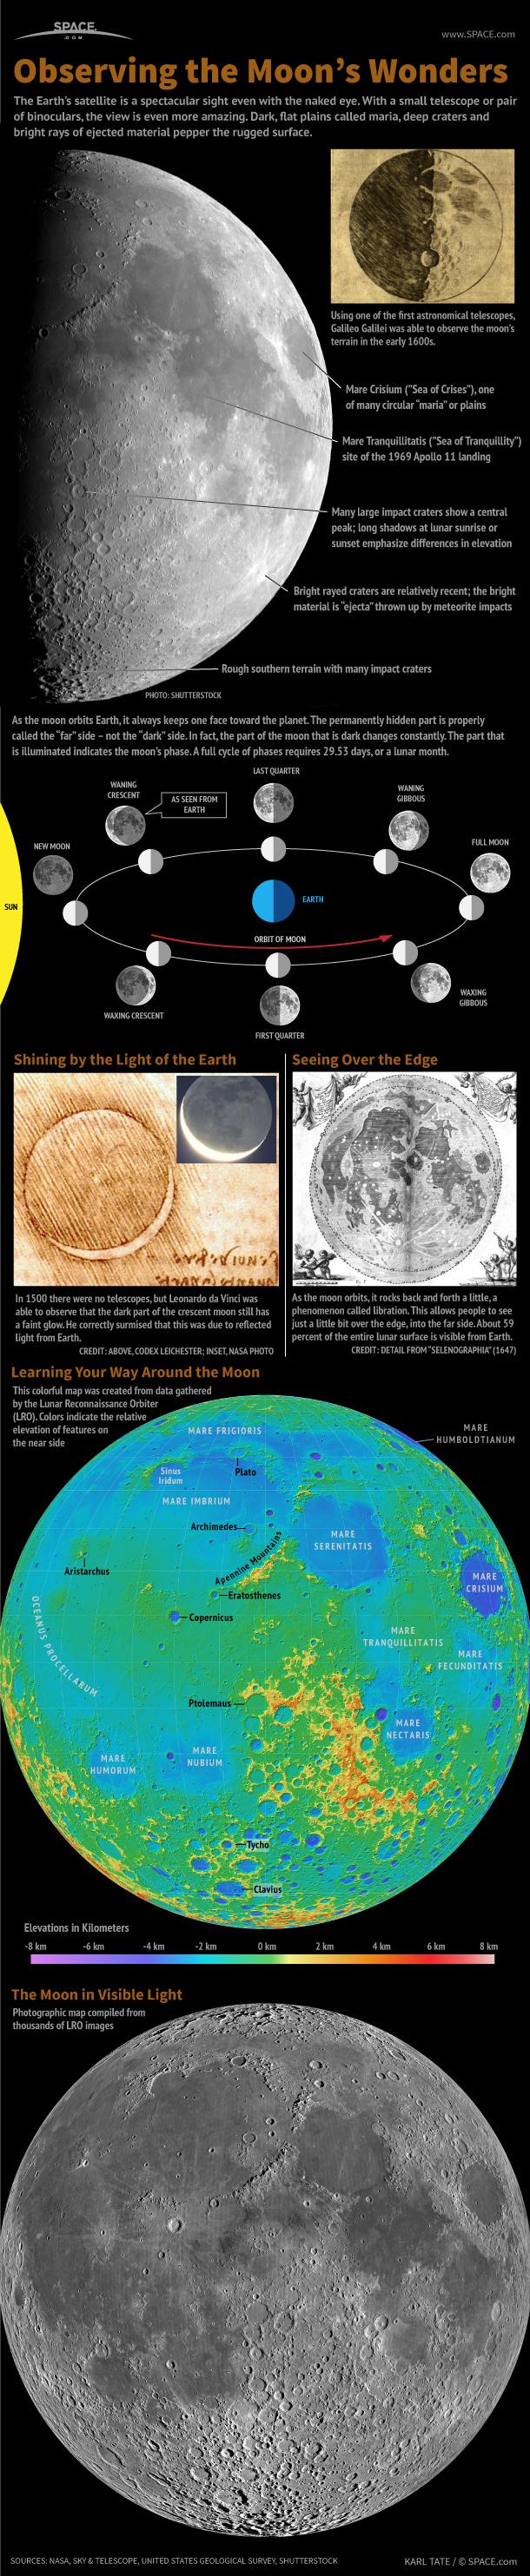 moon-observing-120921a-02